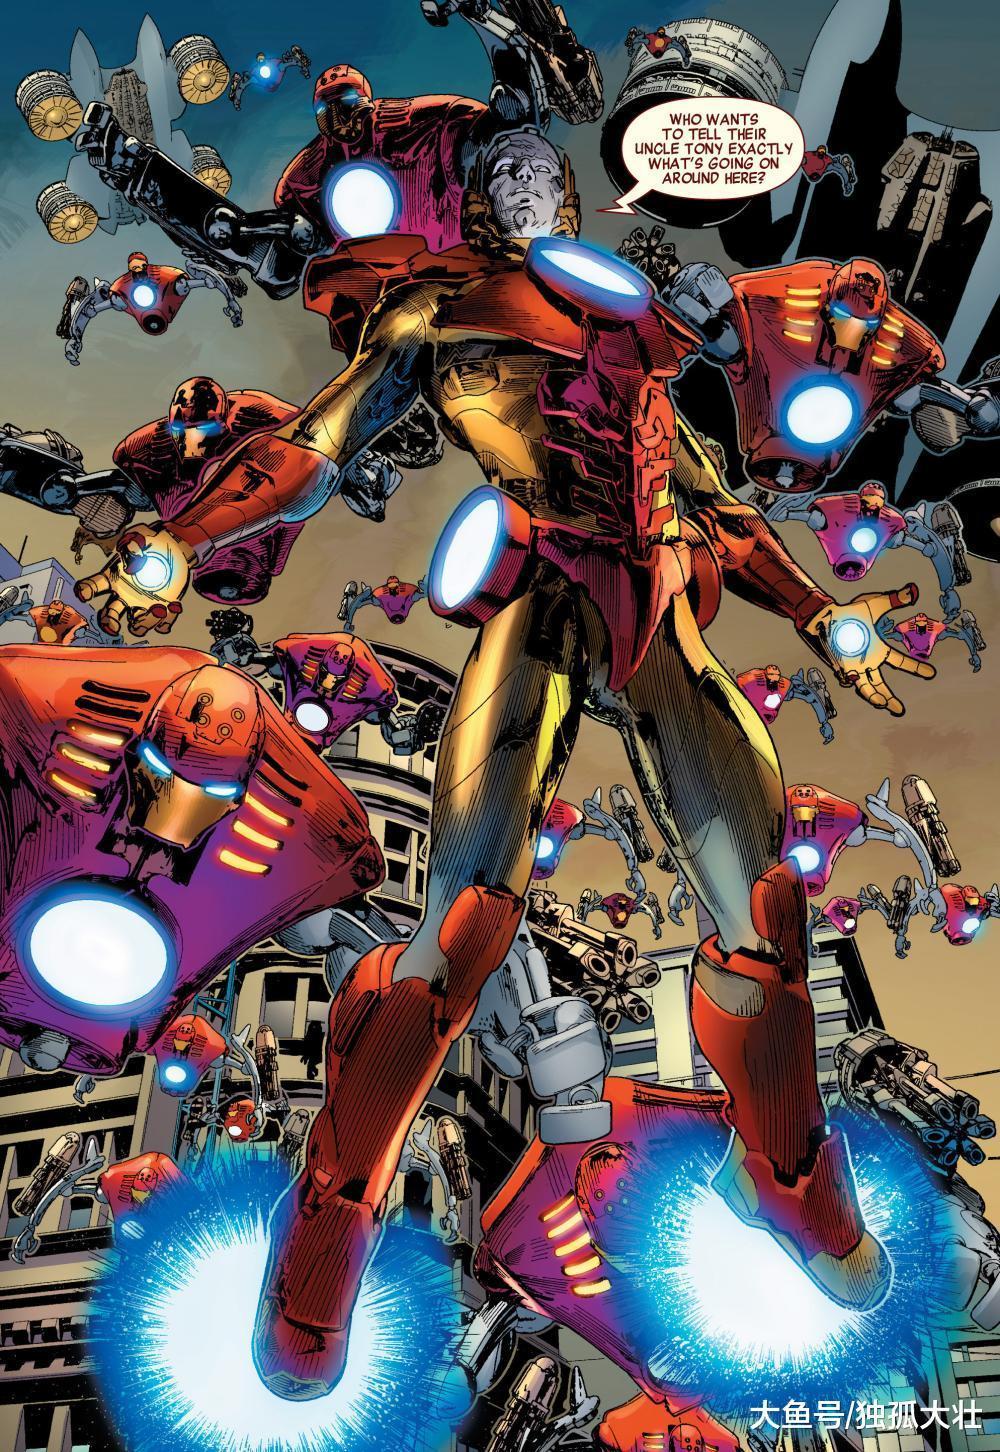 钢铁侠真的能算一个普通人吗? 他的各种黑科技太逆天了!